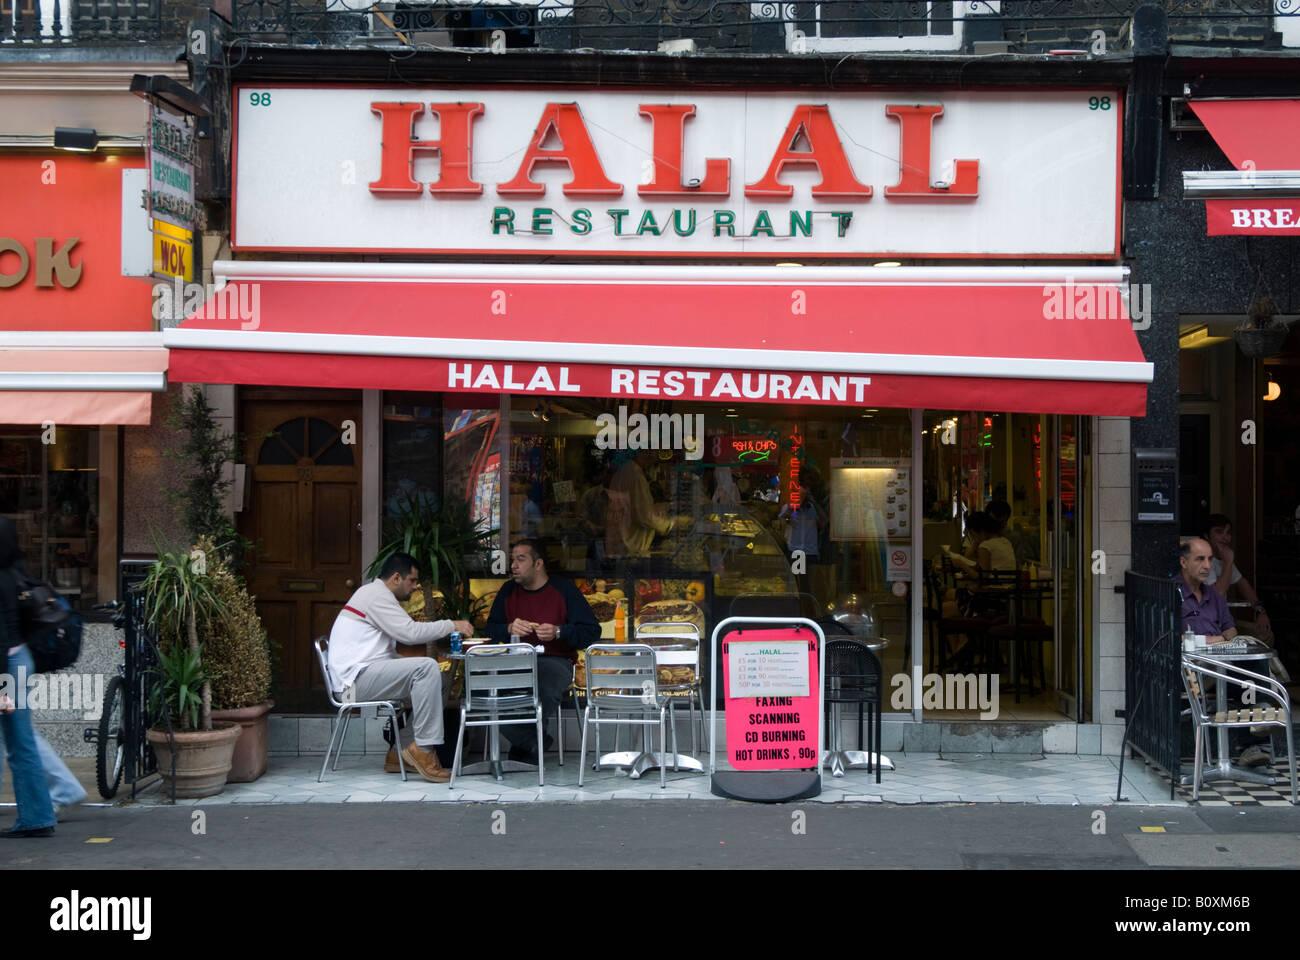 halal restaurant stock photos halal restaurant stock images alamy. Black Bedroom Furniture Sets. Home Design Ideas